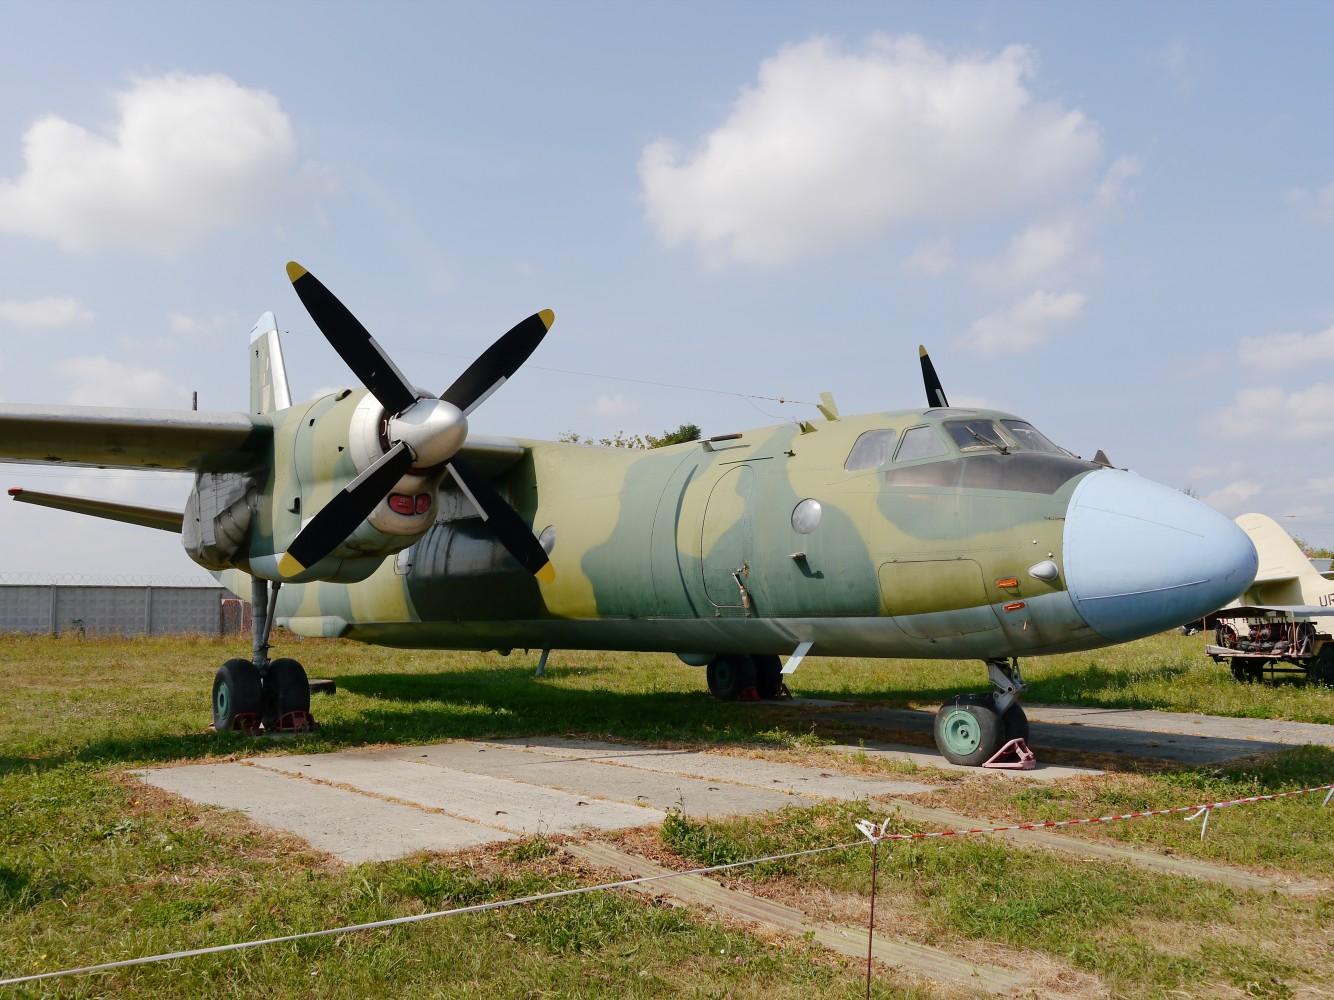 Kliknij obrazek, aby uzyskać większą wersję  Nazwa:An-26 (2).jpg Wyświetleń:25 Rozmiar:310,2 KB ID:234700